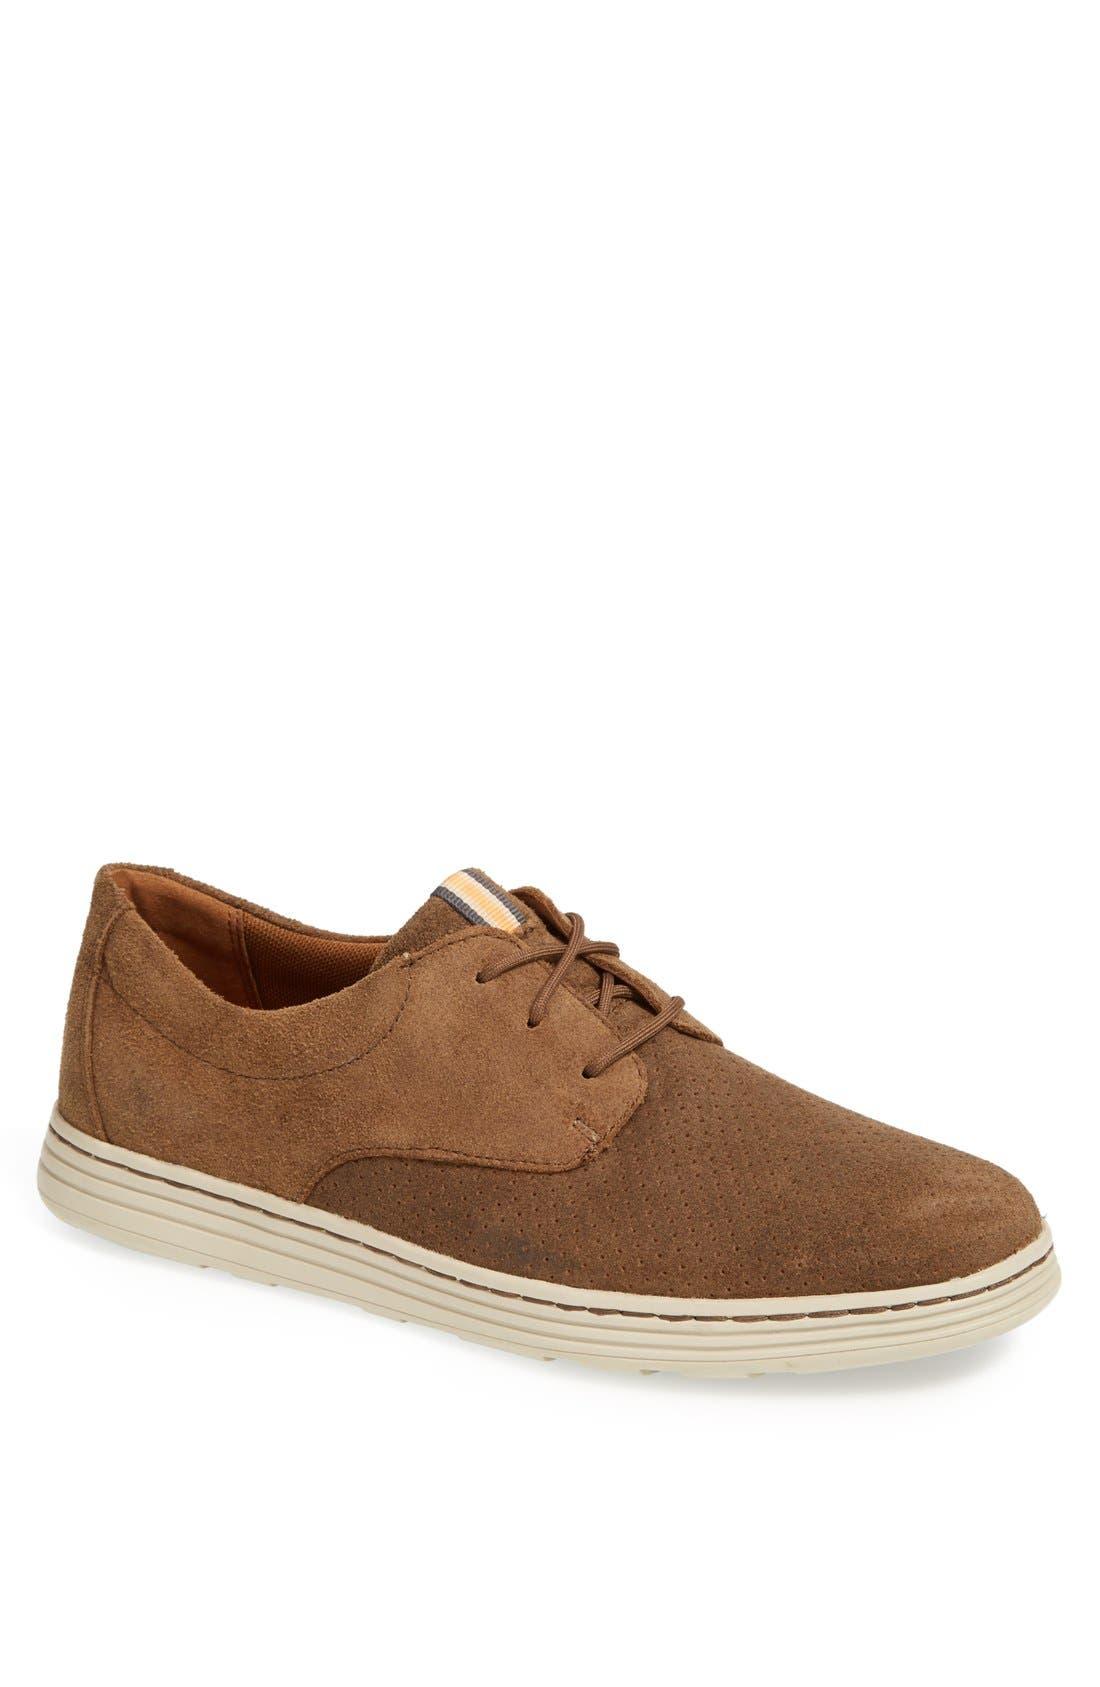 Main Image - Dunham 'Camden' Sneaker